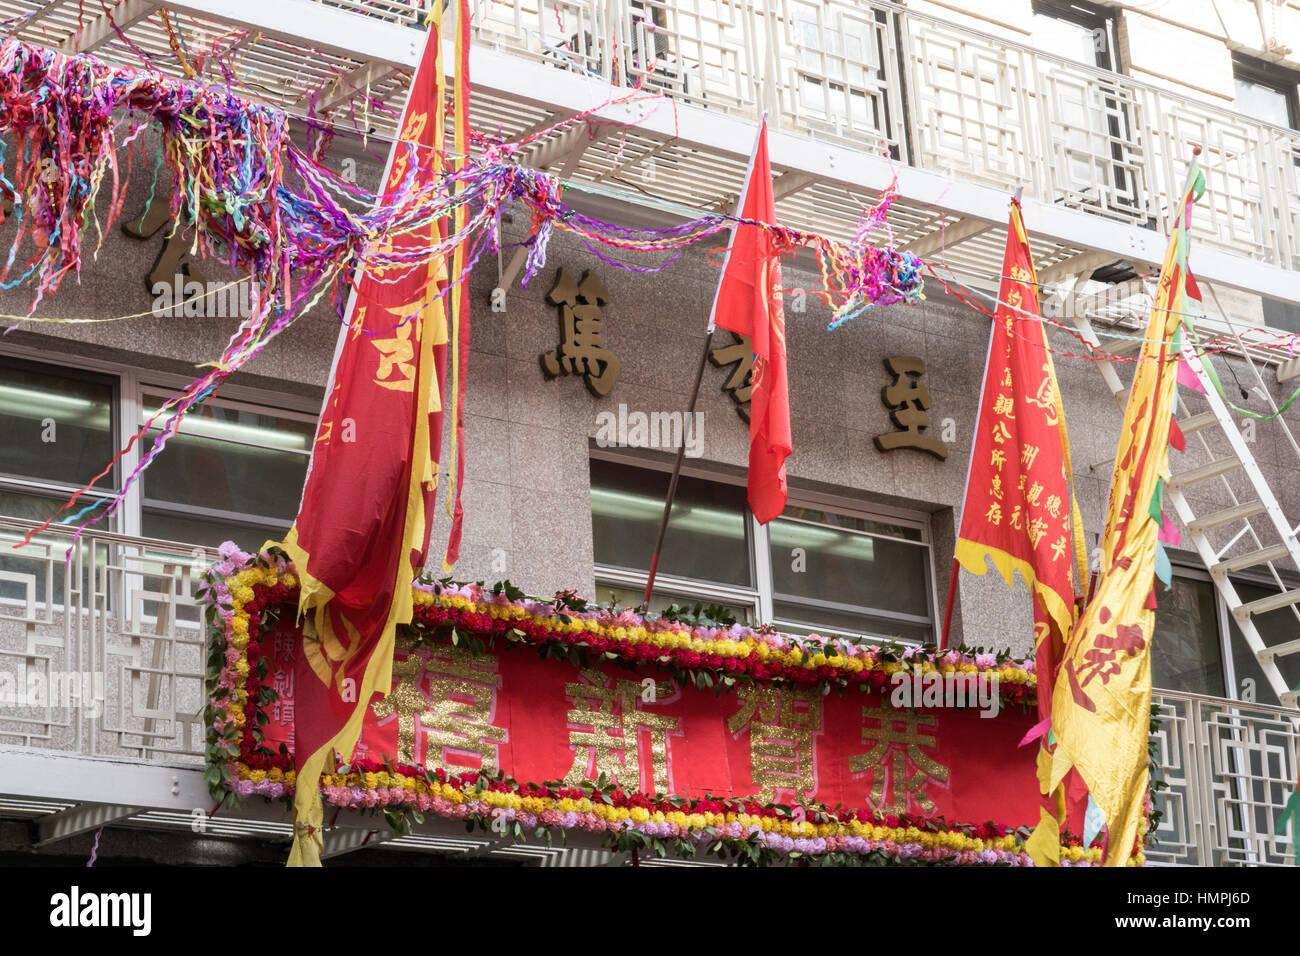 Pancartas y banderas, Chinatown, NUEVA YORK, EE.UU. Foto de stock